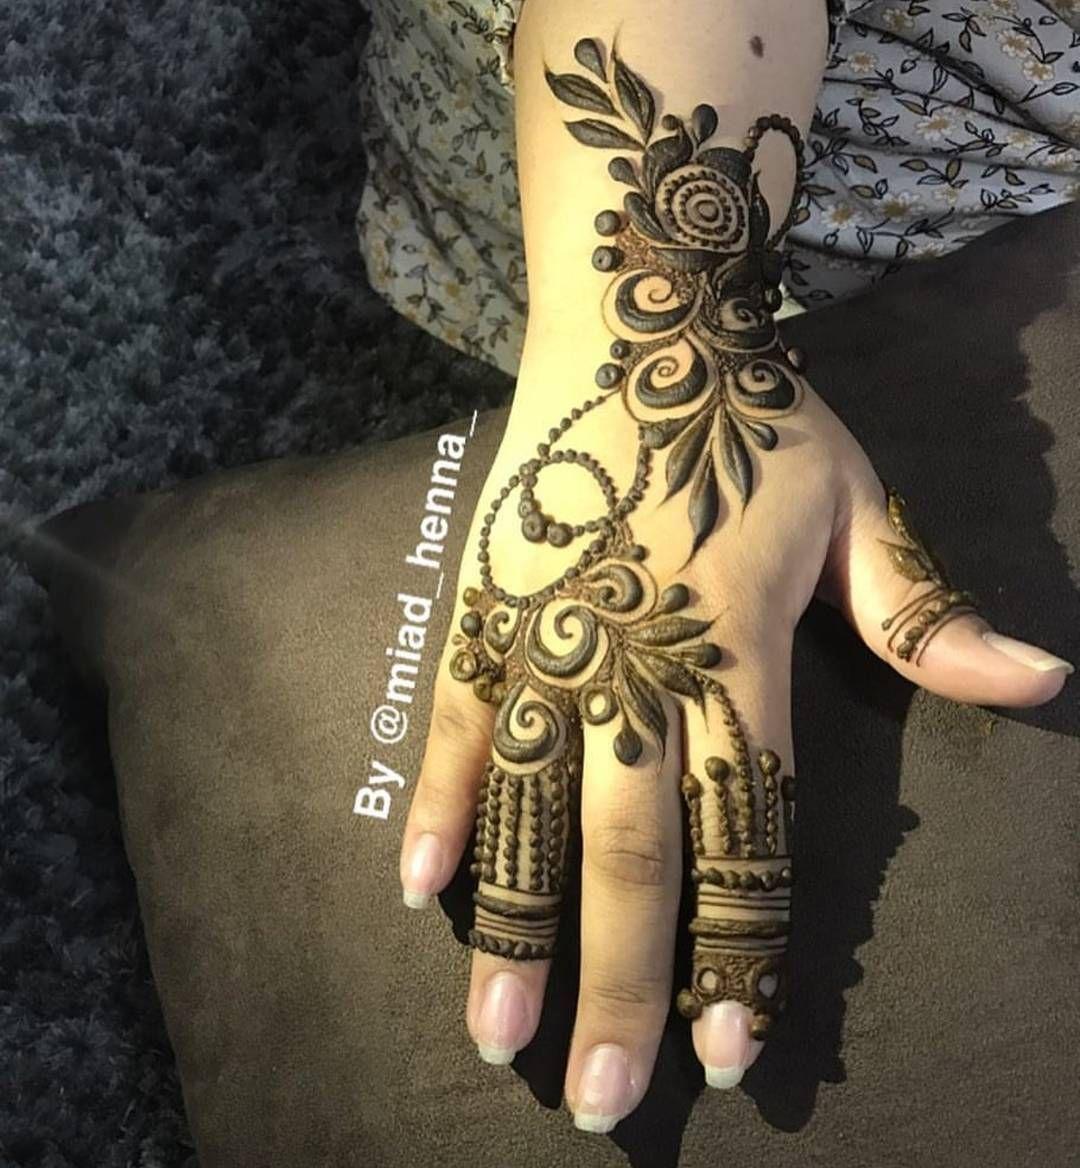 For Henna Bookings Pls Call Whatsapp 0528110862 Al Ain Uae